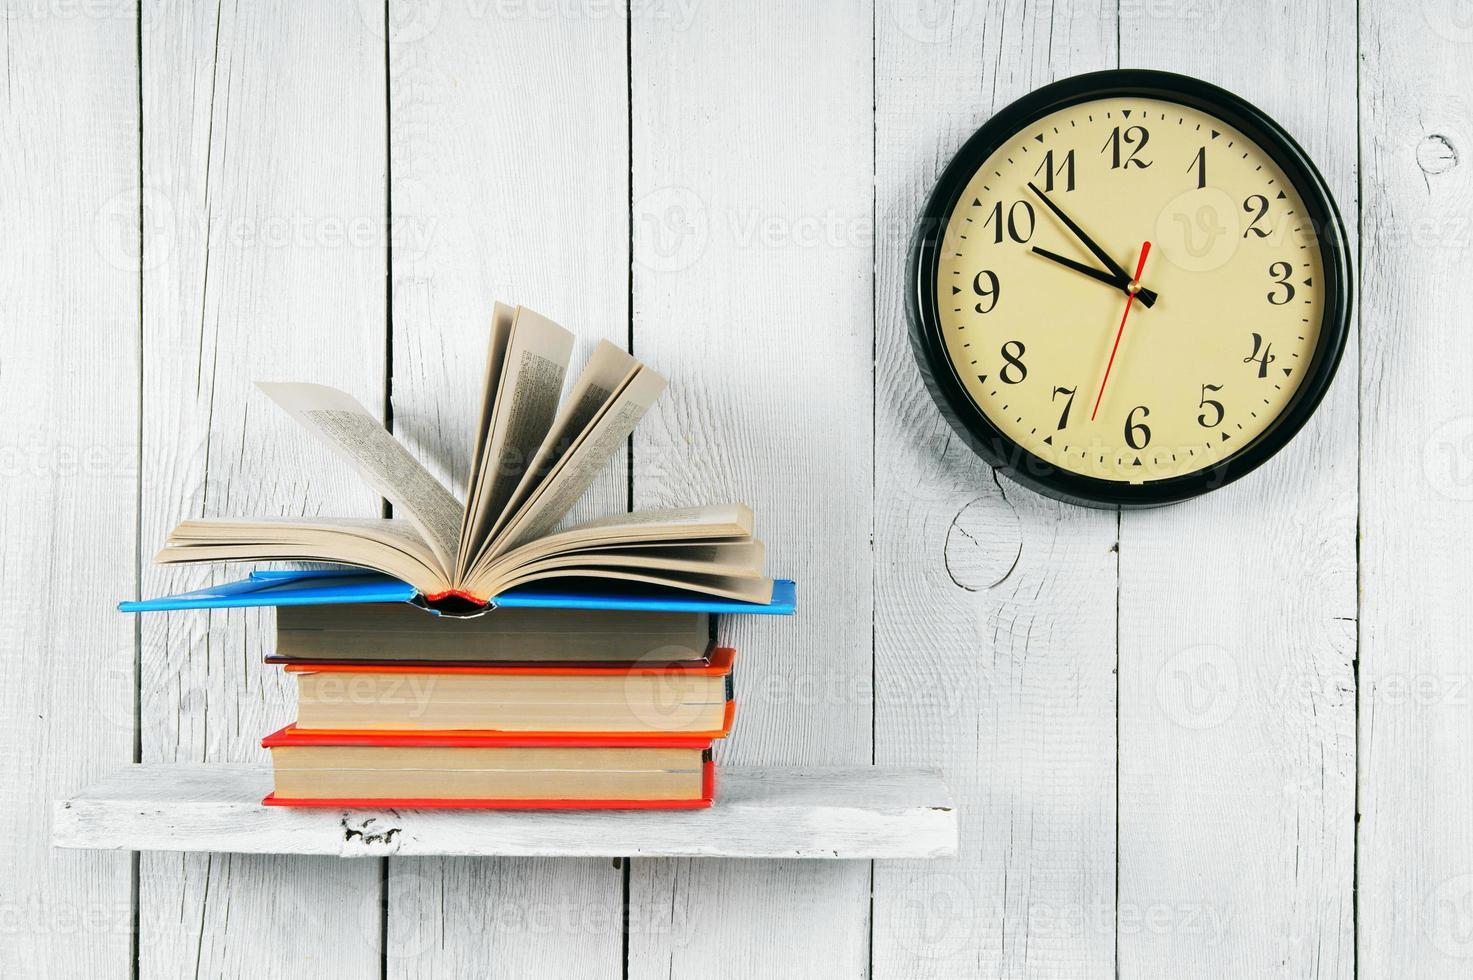 het open boek op een houten plank en horloges. foto